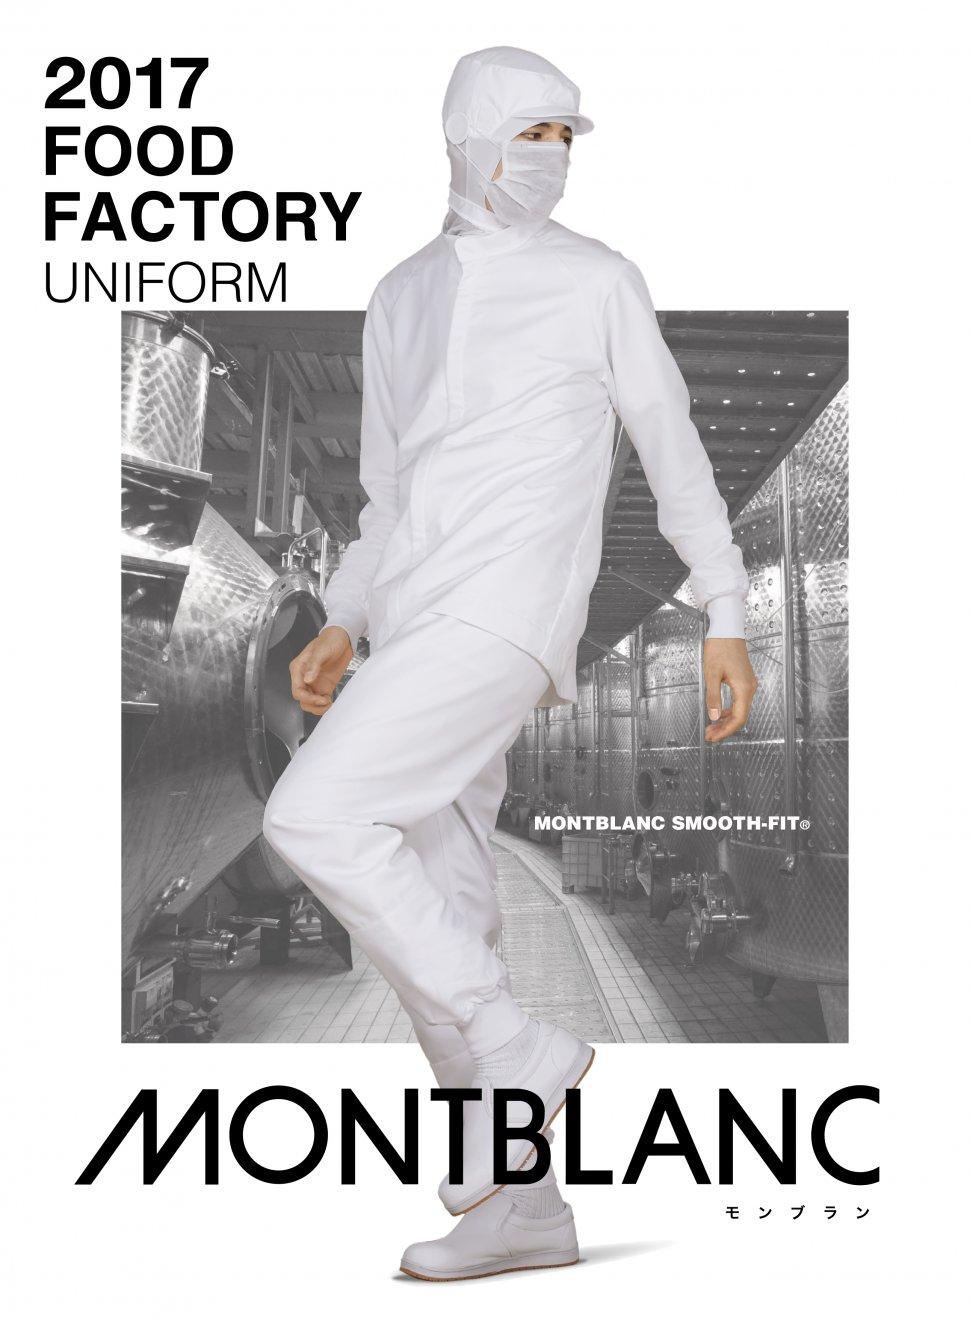 住商モンブラン 食品工場 2017